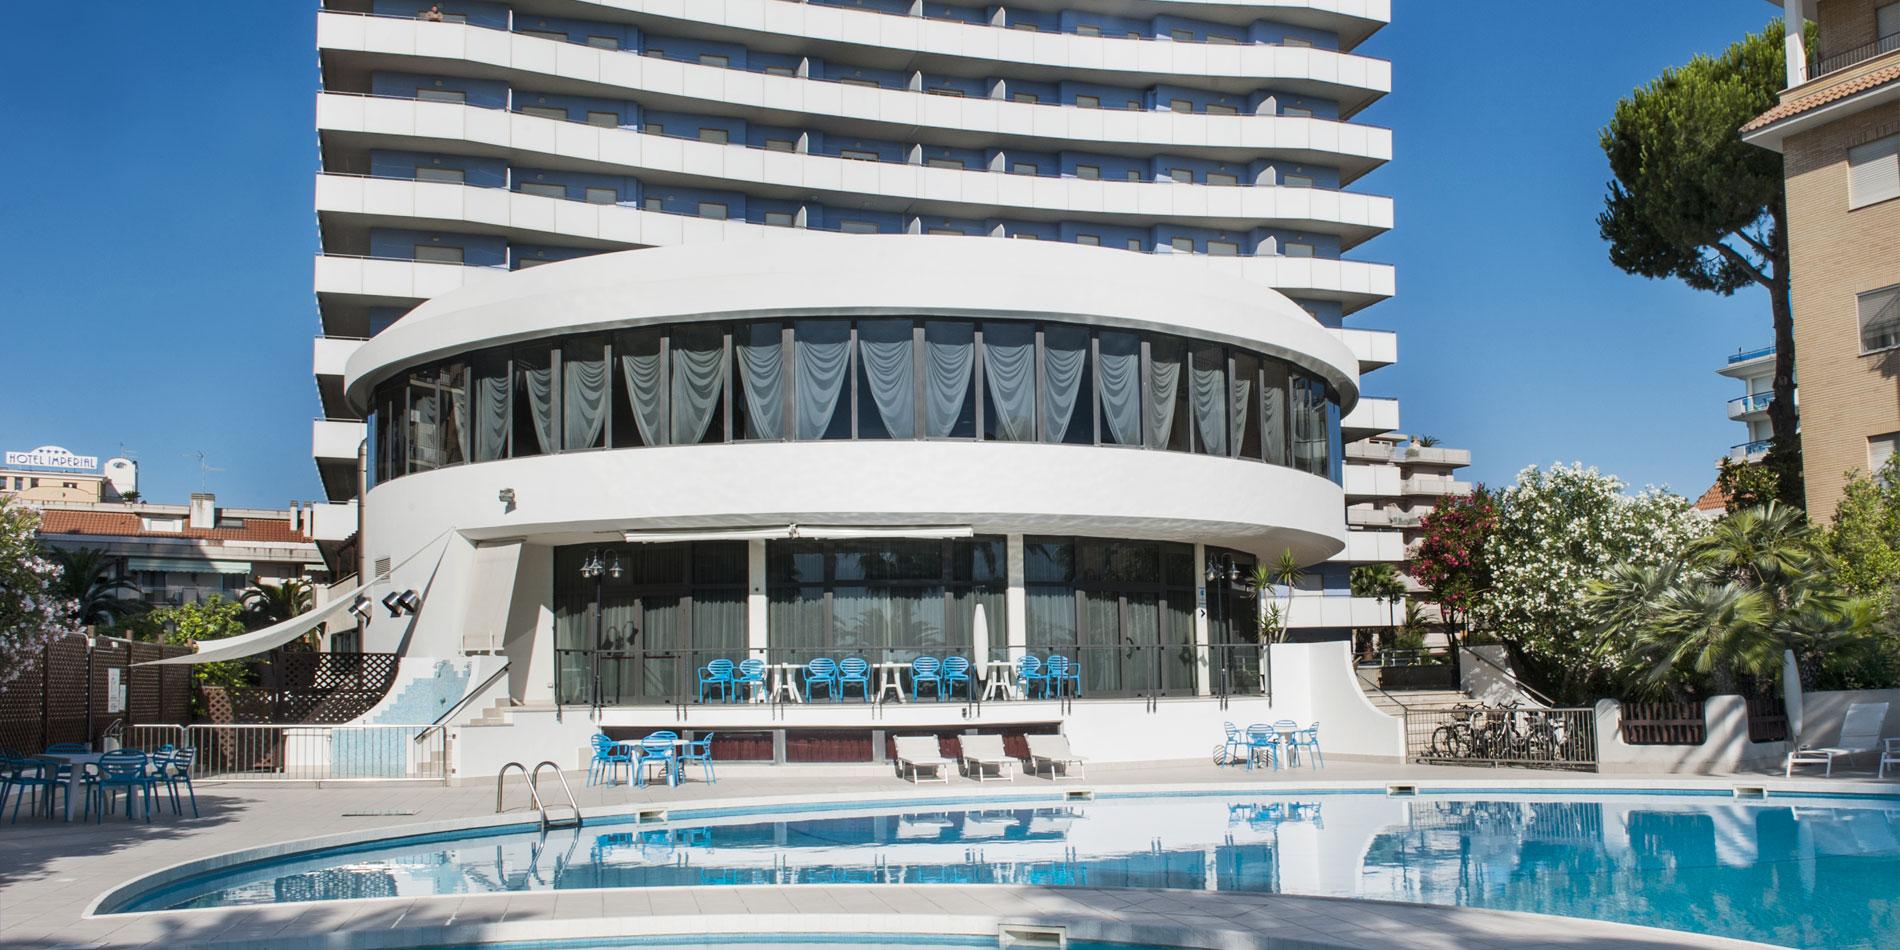 Hotel International San Benedetto Del Tronto Contatti